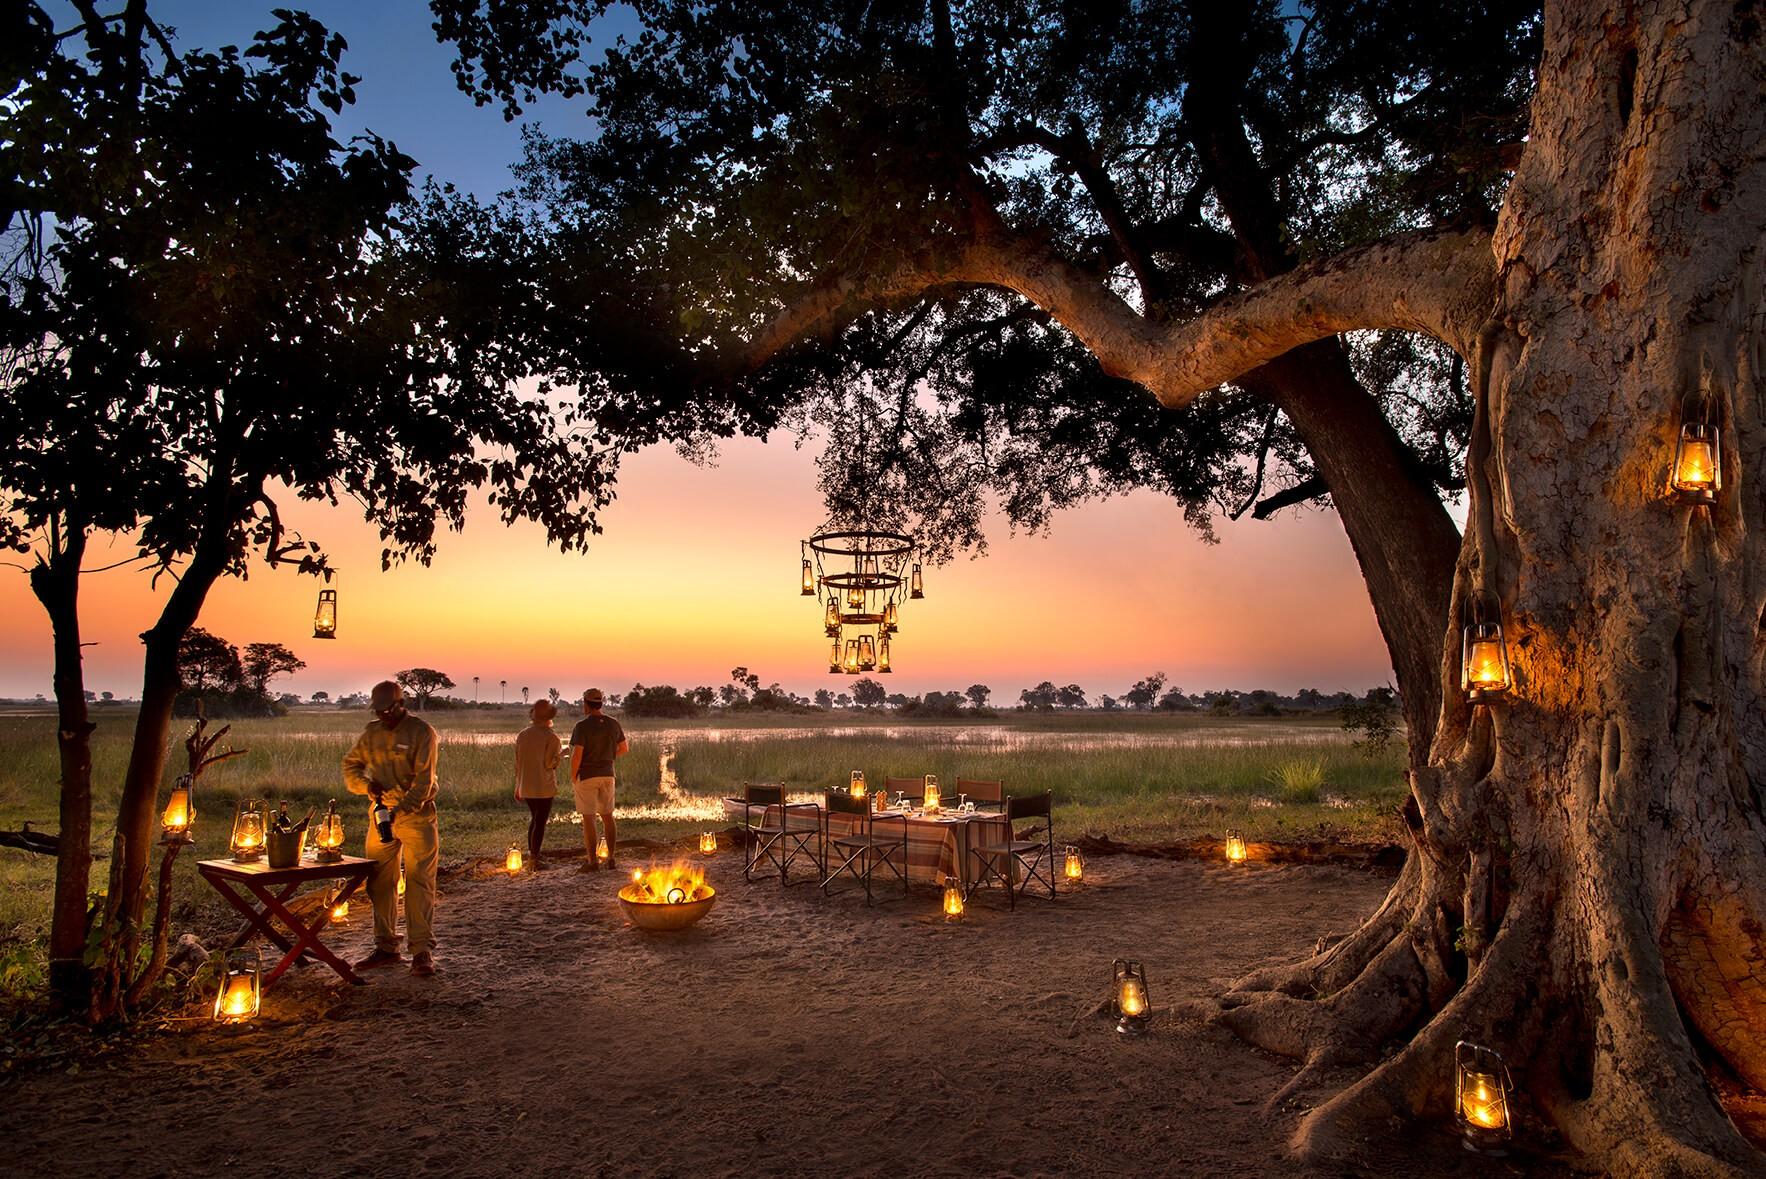 τοπικές γνωριμίες στη Νότια Αφρική Οάχου σε απευθείας σύνδεση dating